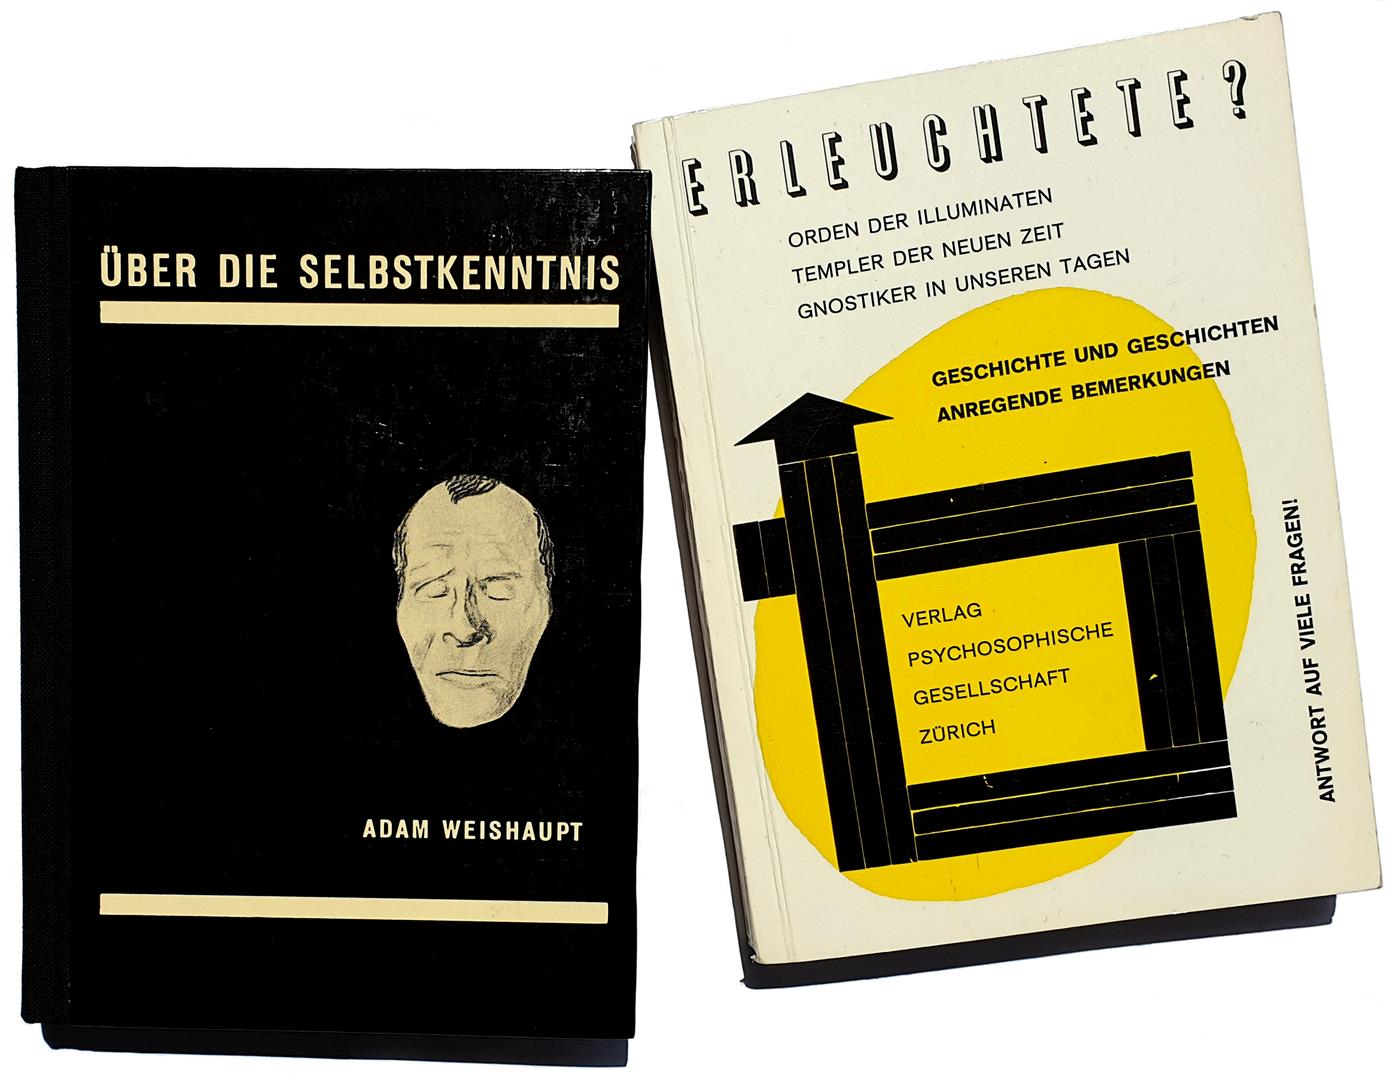 Psychosophische Gesellschaft - Adam Weishaupt Ueber die Selbstkenntnis - Erleuchtete Orden der Illuminaten Templer der Neuen Zeit Gnostiker